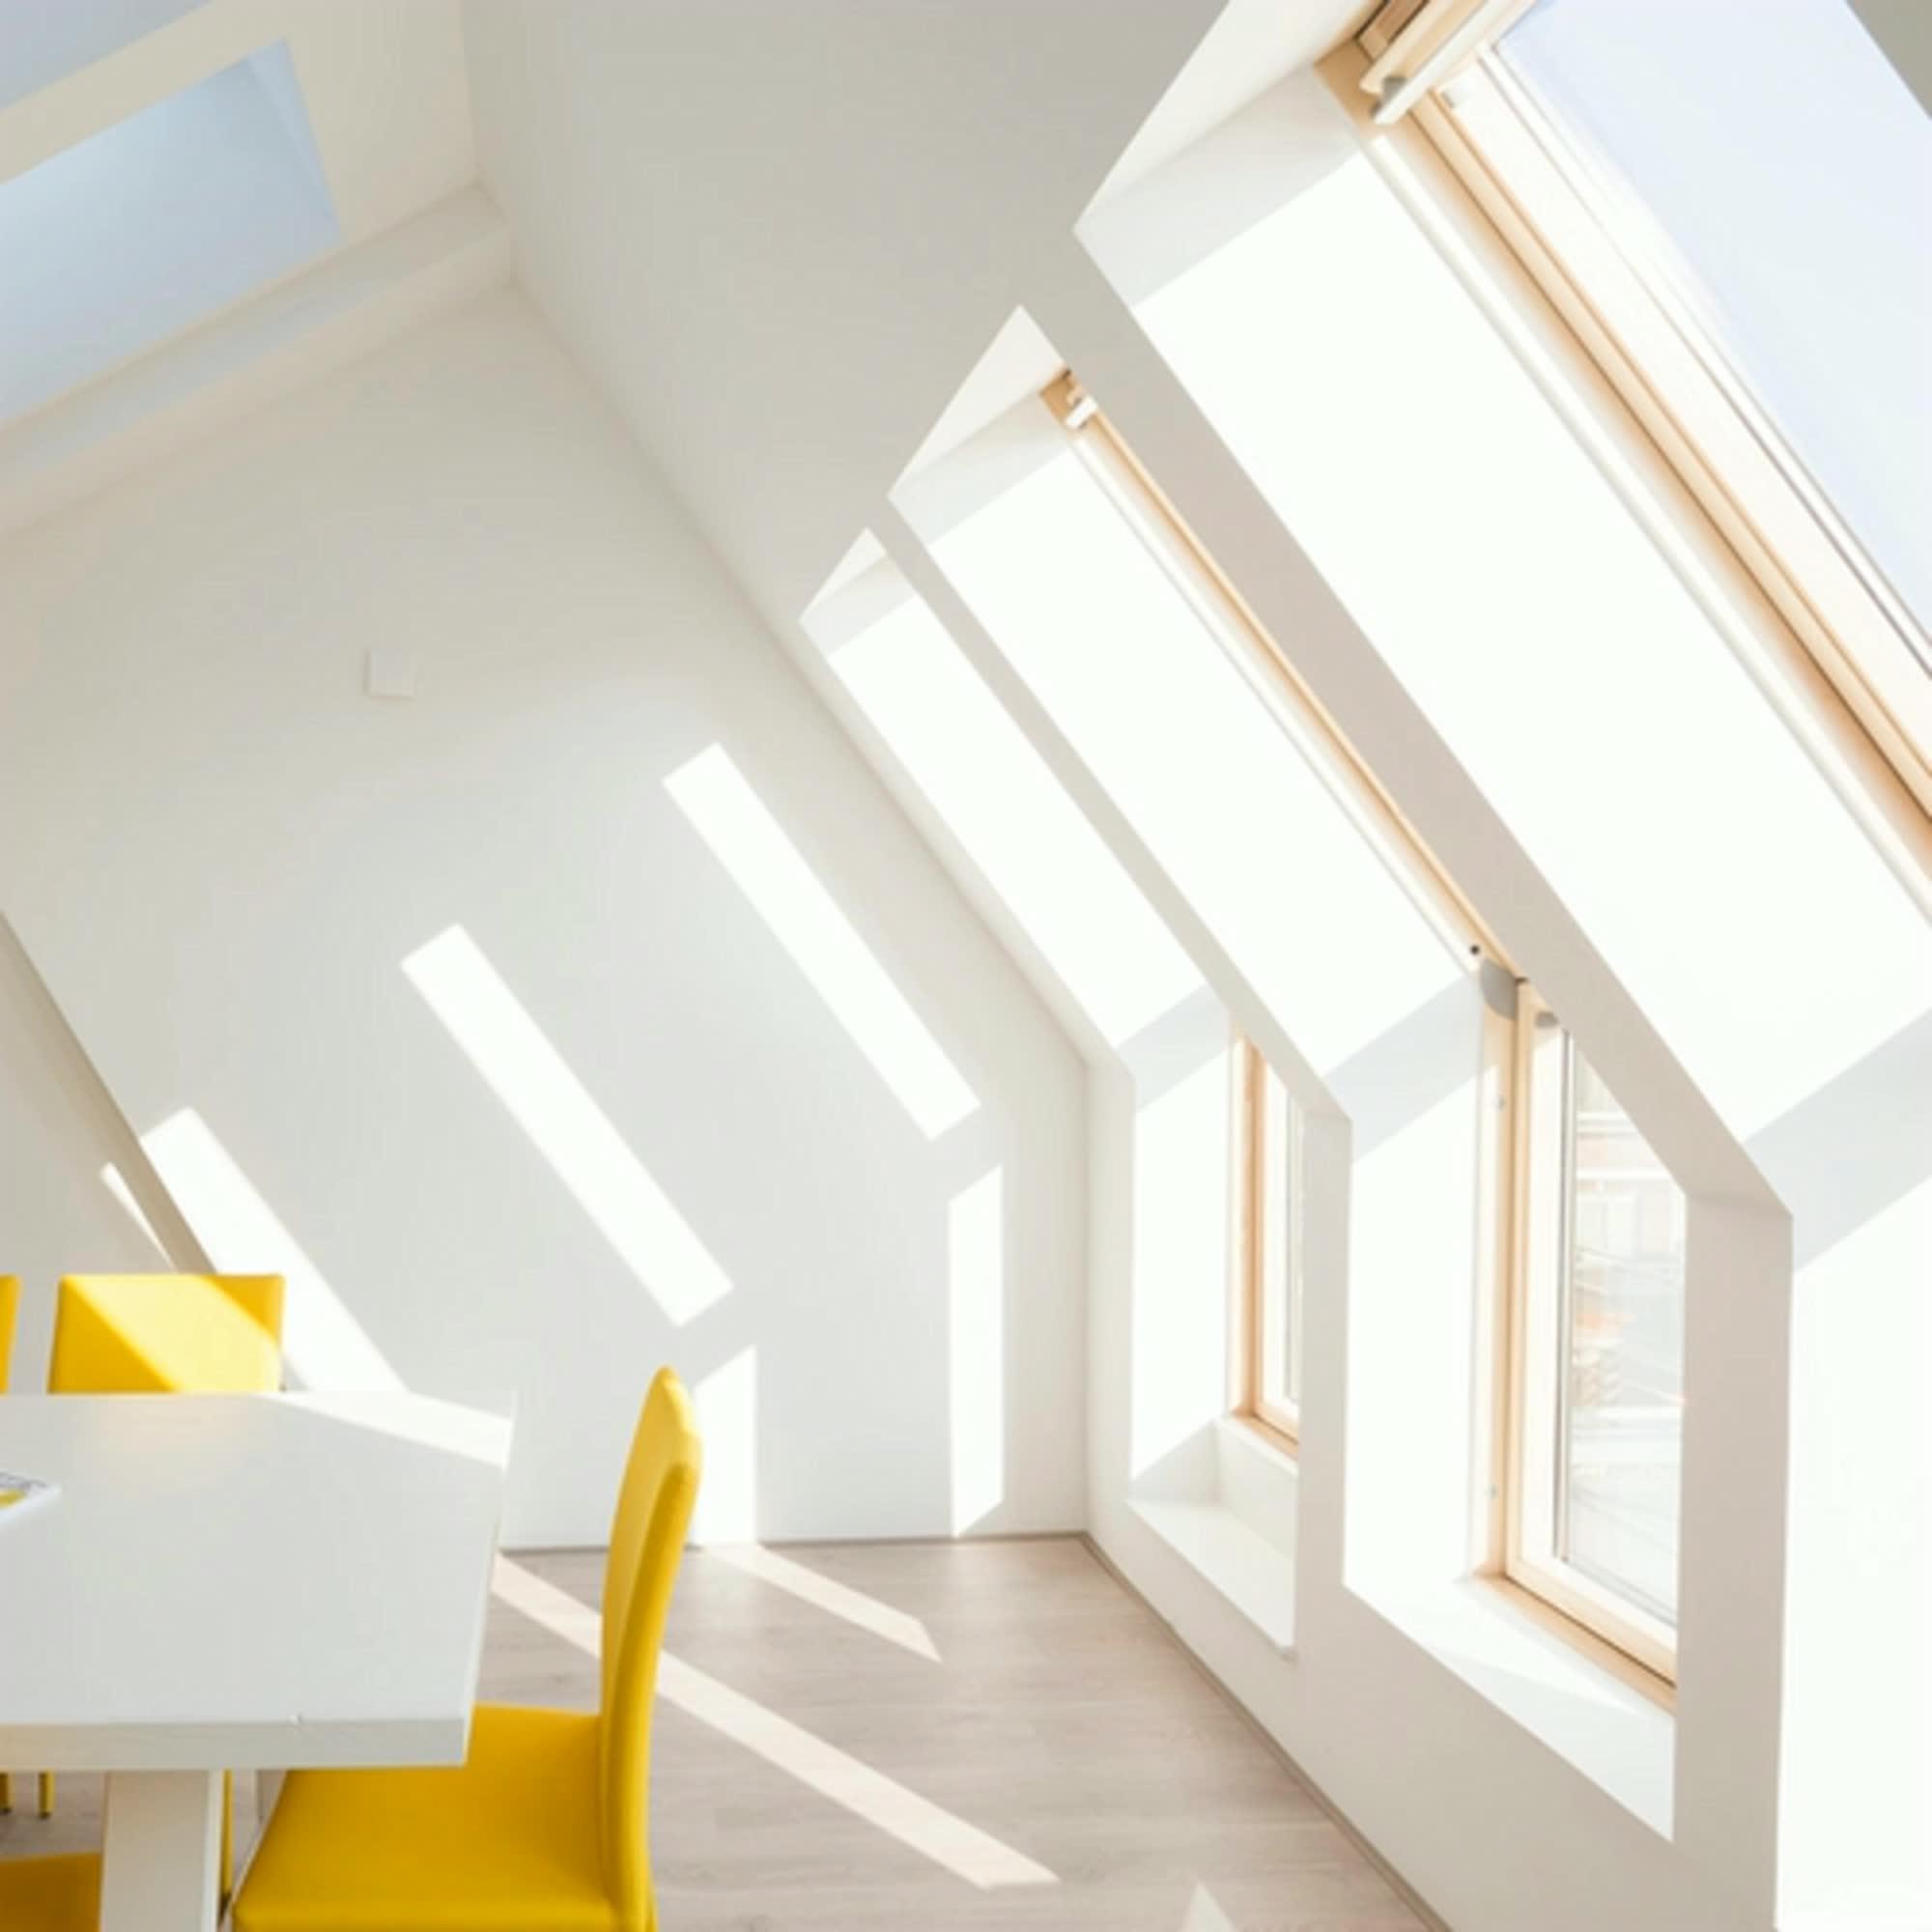 Top appeso finestra a battente in alluminio a doppia finestra di vetro temperato per il progetto di costruzione